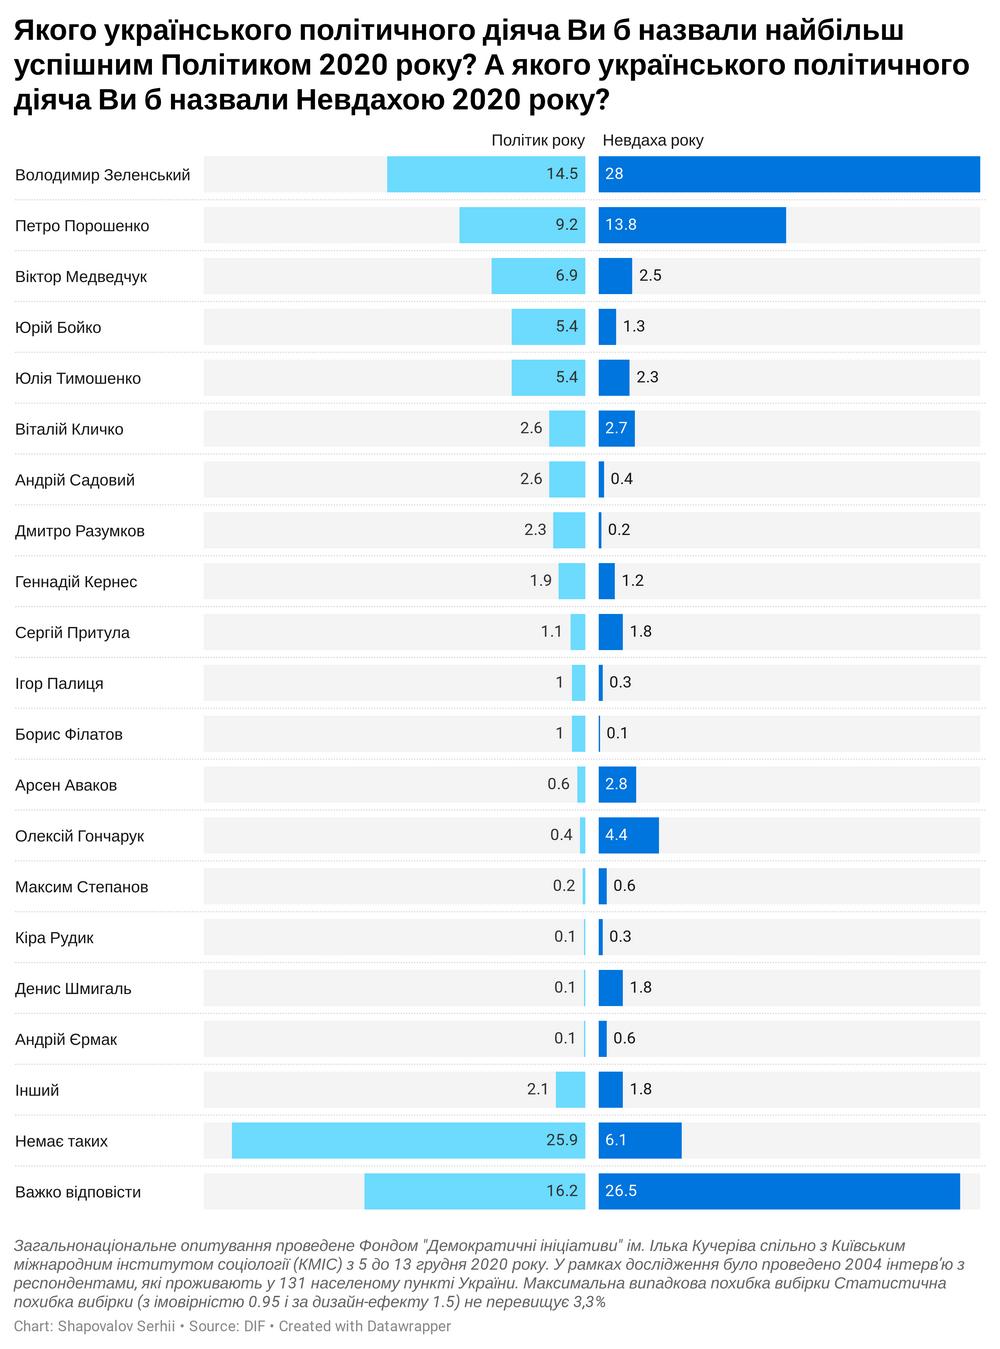 Опрос показал, кого украинцы считают политиком и неудачником 2020 года  - фото 2